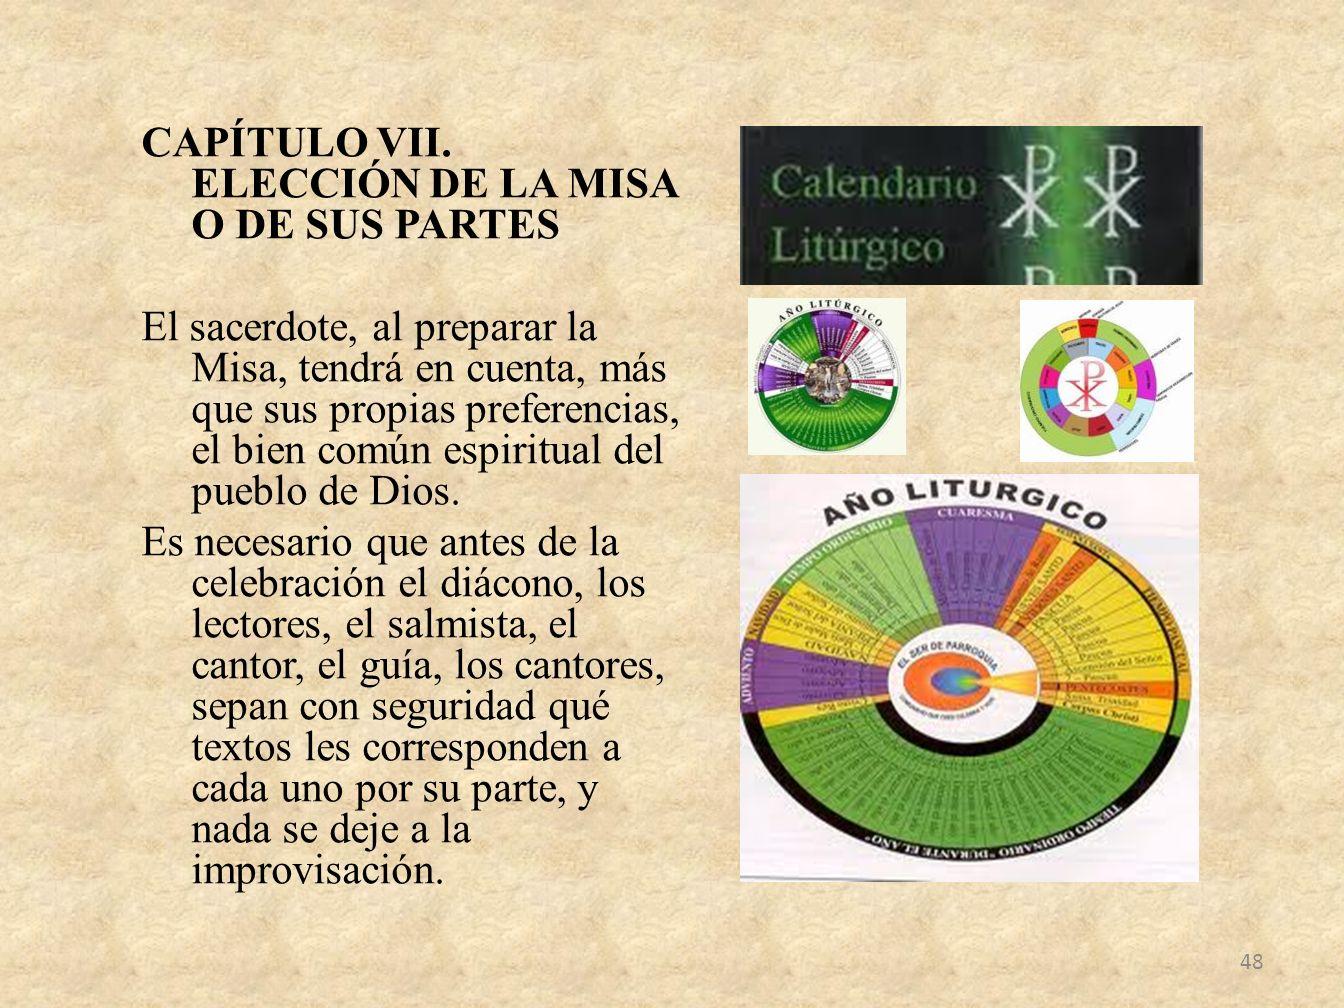 CAPÍTULO VII. ELECCIÓN DE LA MISA O DE SUS PARTES El sacerdote, al preparar la Misa, tendrá en cuenta, más que sus propias preferencias, el bien común